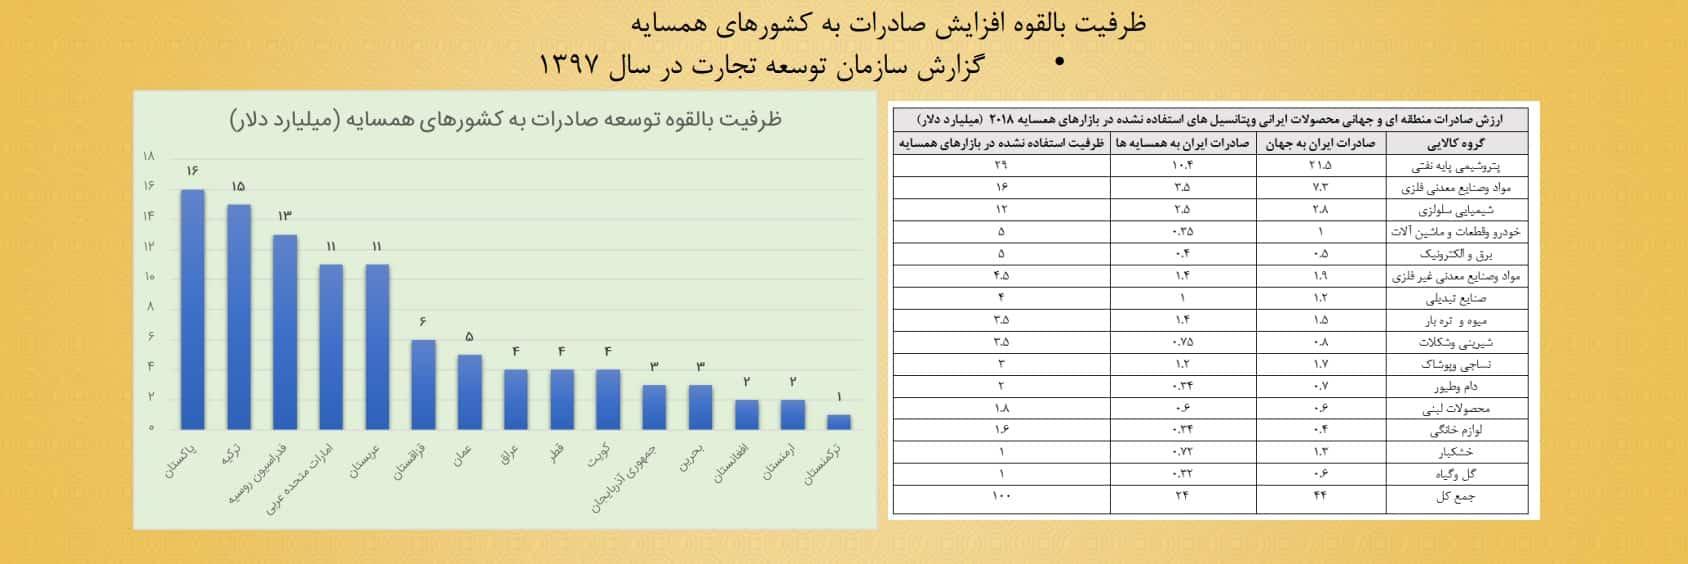 ظرفیت صادرات ایران به کشورهای همسایه